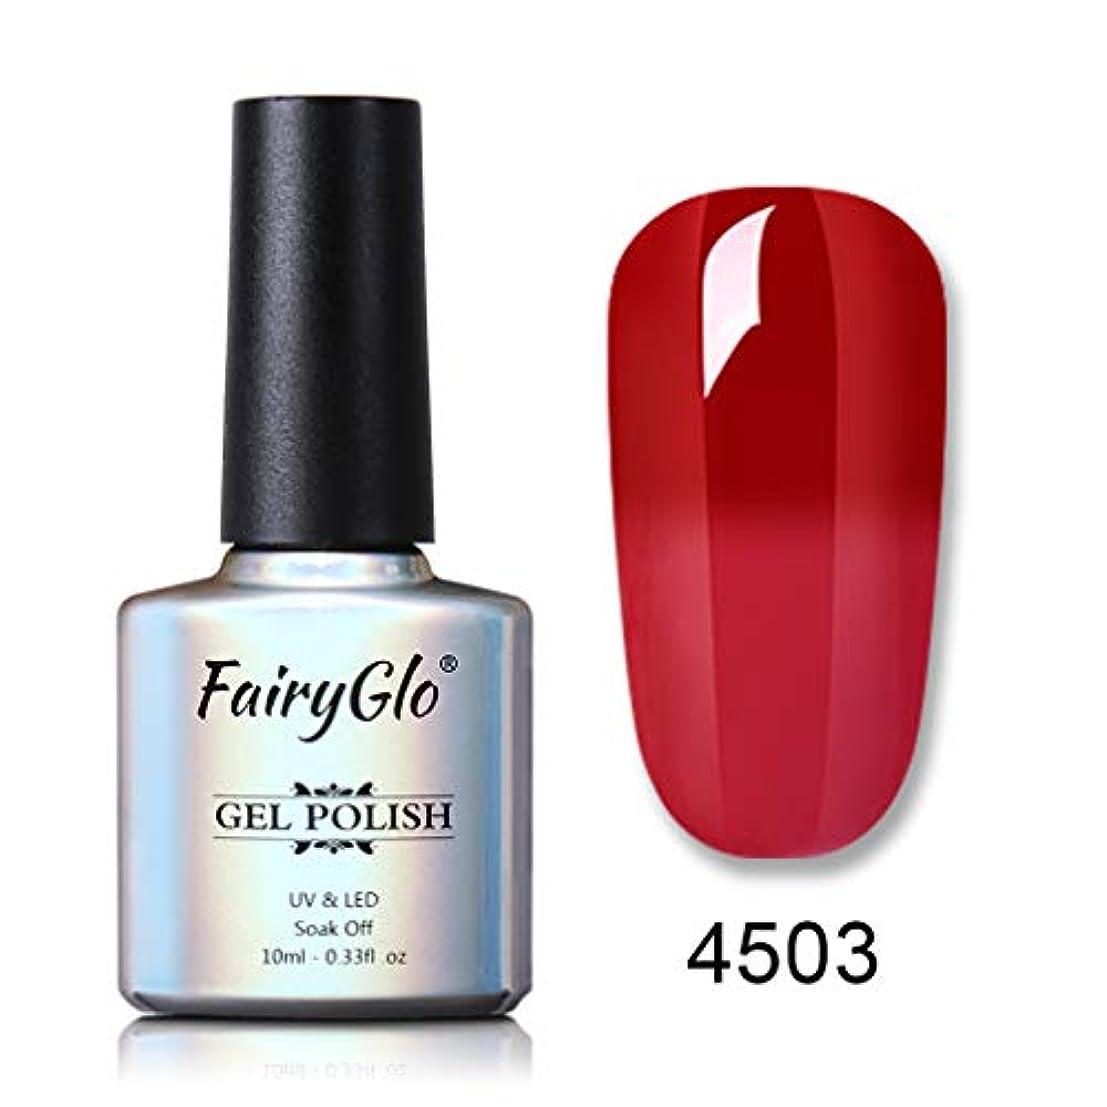 文房具トレース重量Fairyglo ジェルネイル カラージェル ワインレッド カメレオンカラージェル 温度により色が変化 UV/LED対応 1色入り 10ML 【全6色選択可】